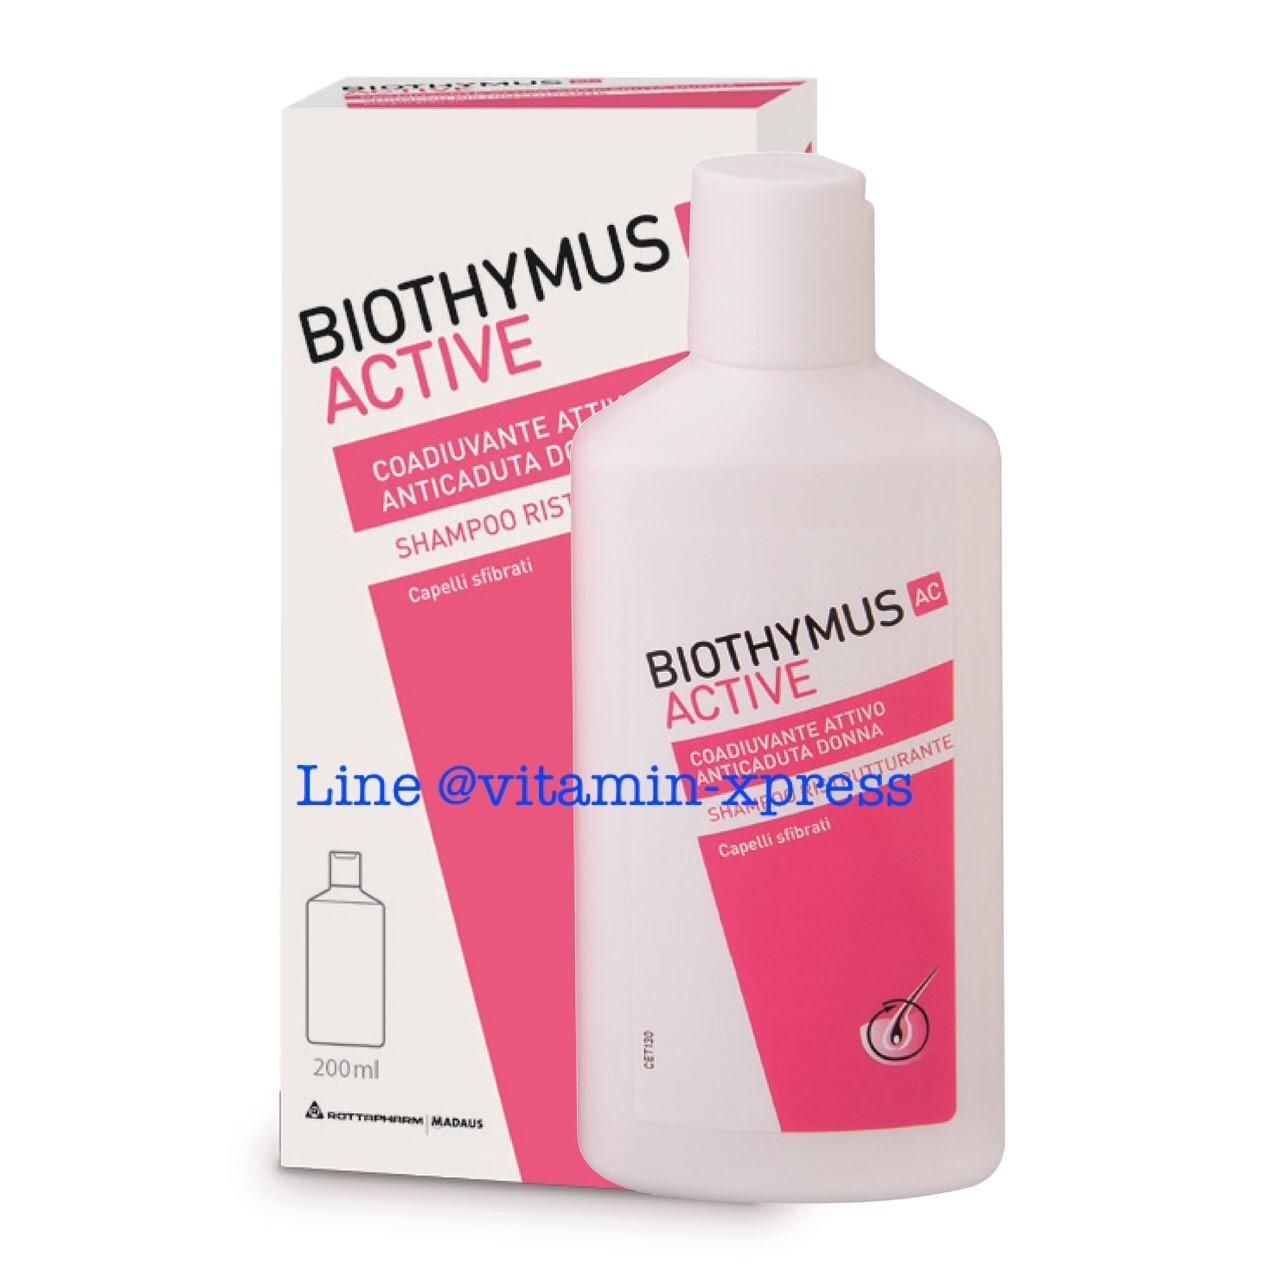 Biothymus active shampoo 200ml สำหรับผู้หญิง (สำหรับผมแห้งเสีย)